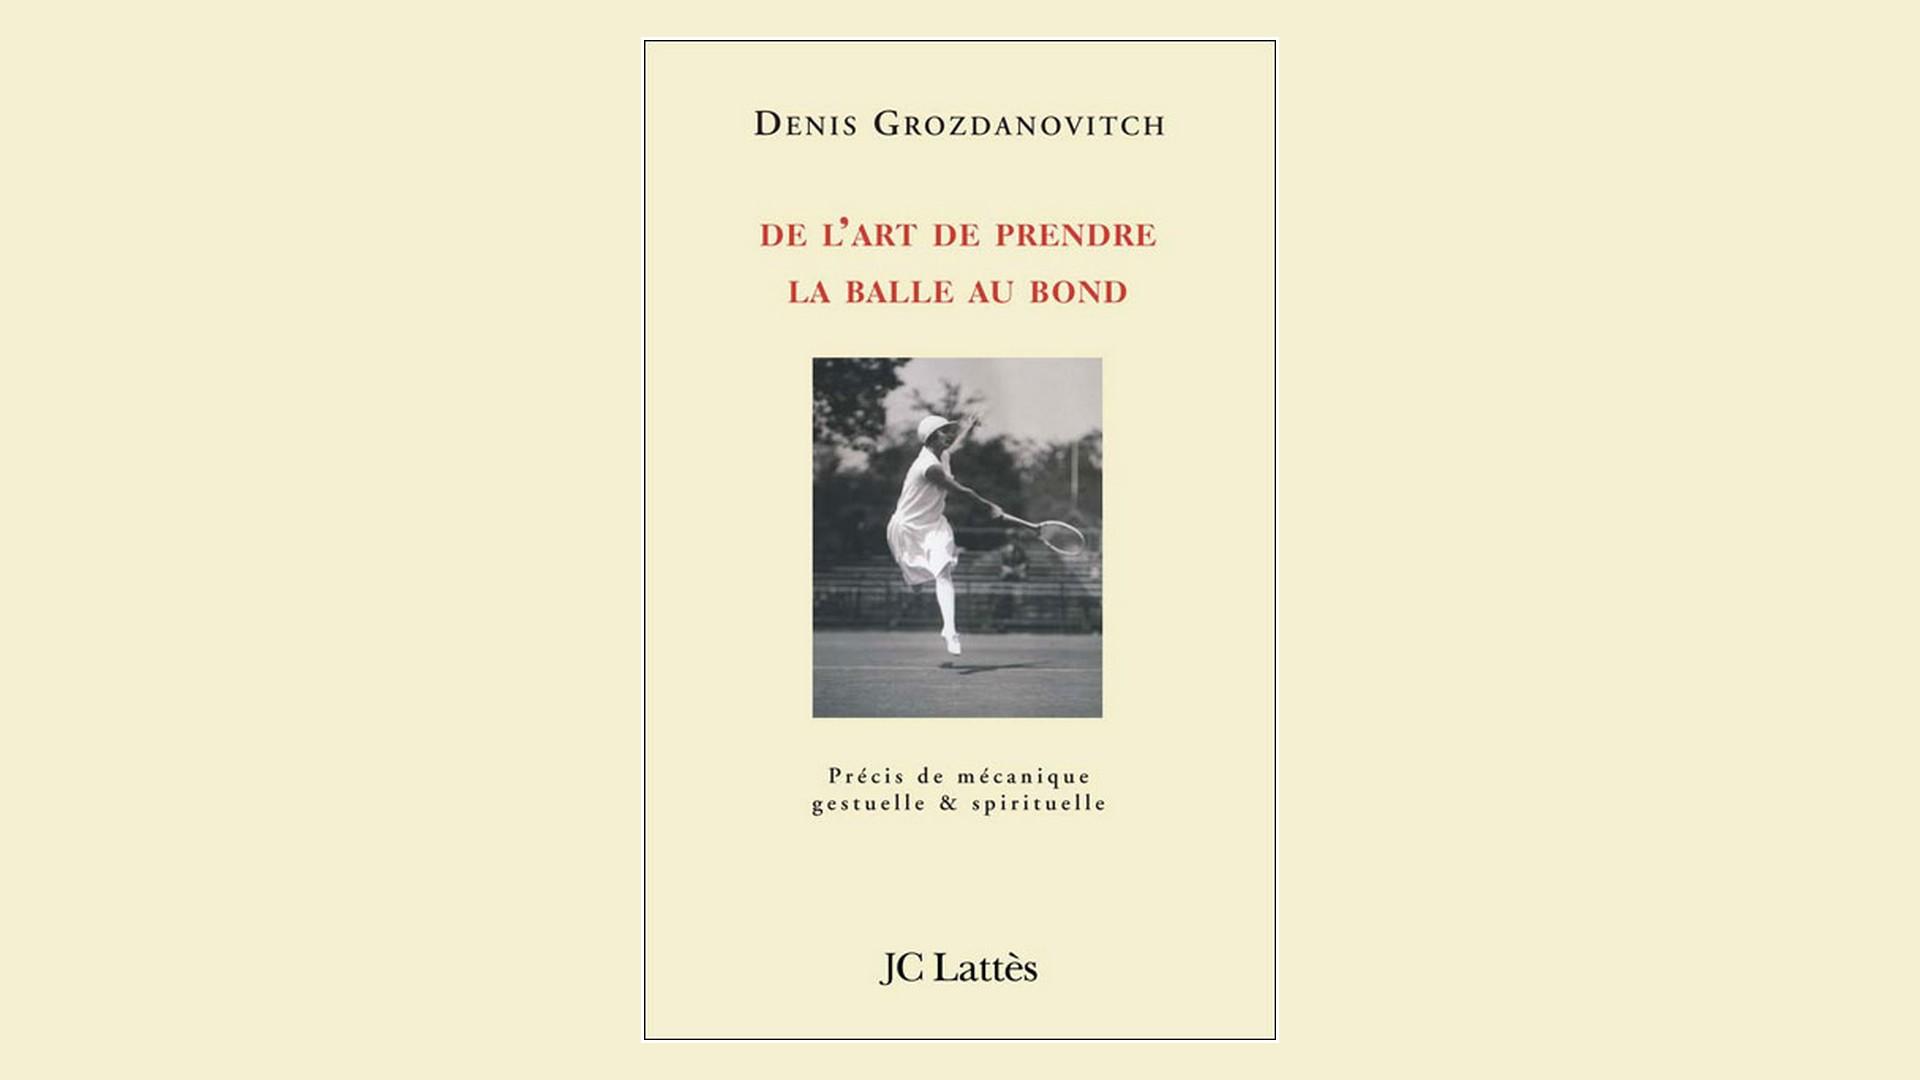 Livres – De l'art de prendre la balle au bond – Denis Grozdanovitch (2007)